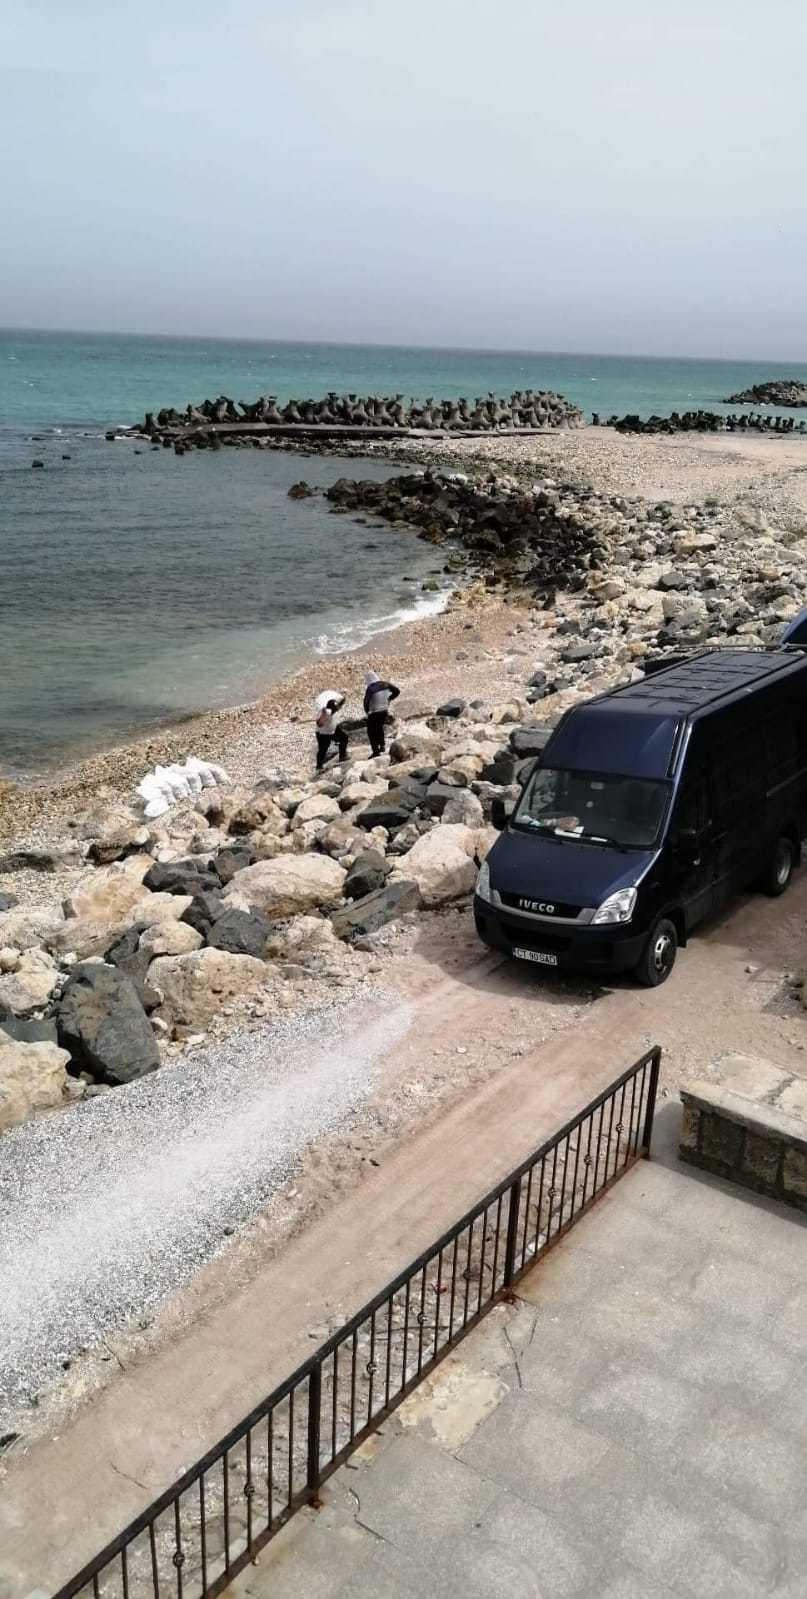 Două persoane au fost surprinse în timp ce umpleau saci cu nisip de pe plaja din Eforie Sud şi îi încărcau într-o maşină - FOTO/ VIDEO